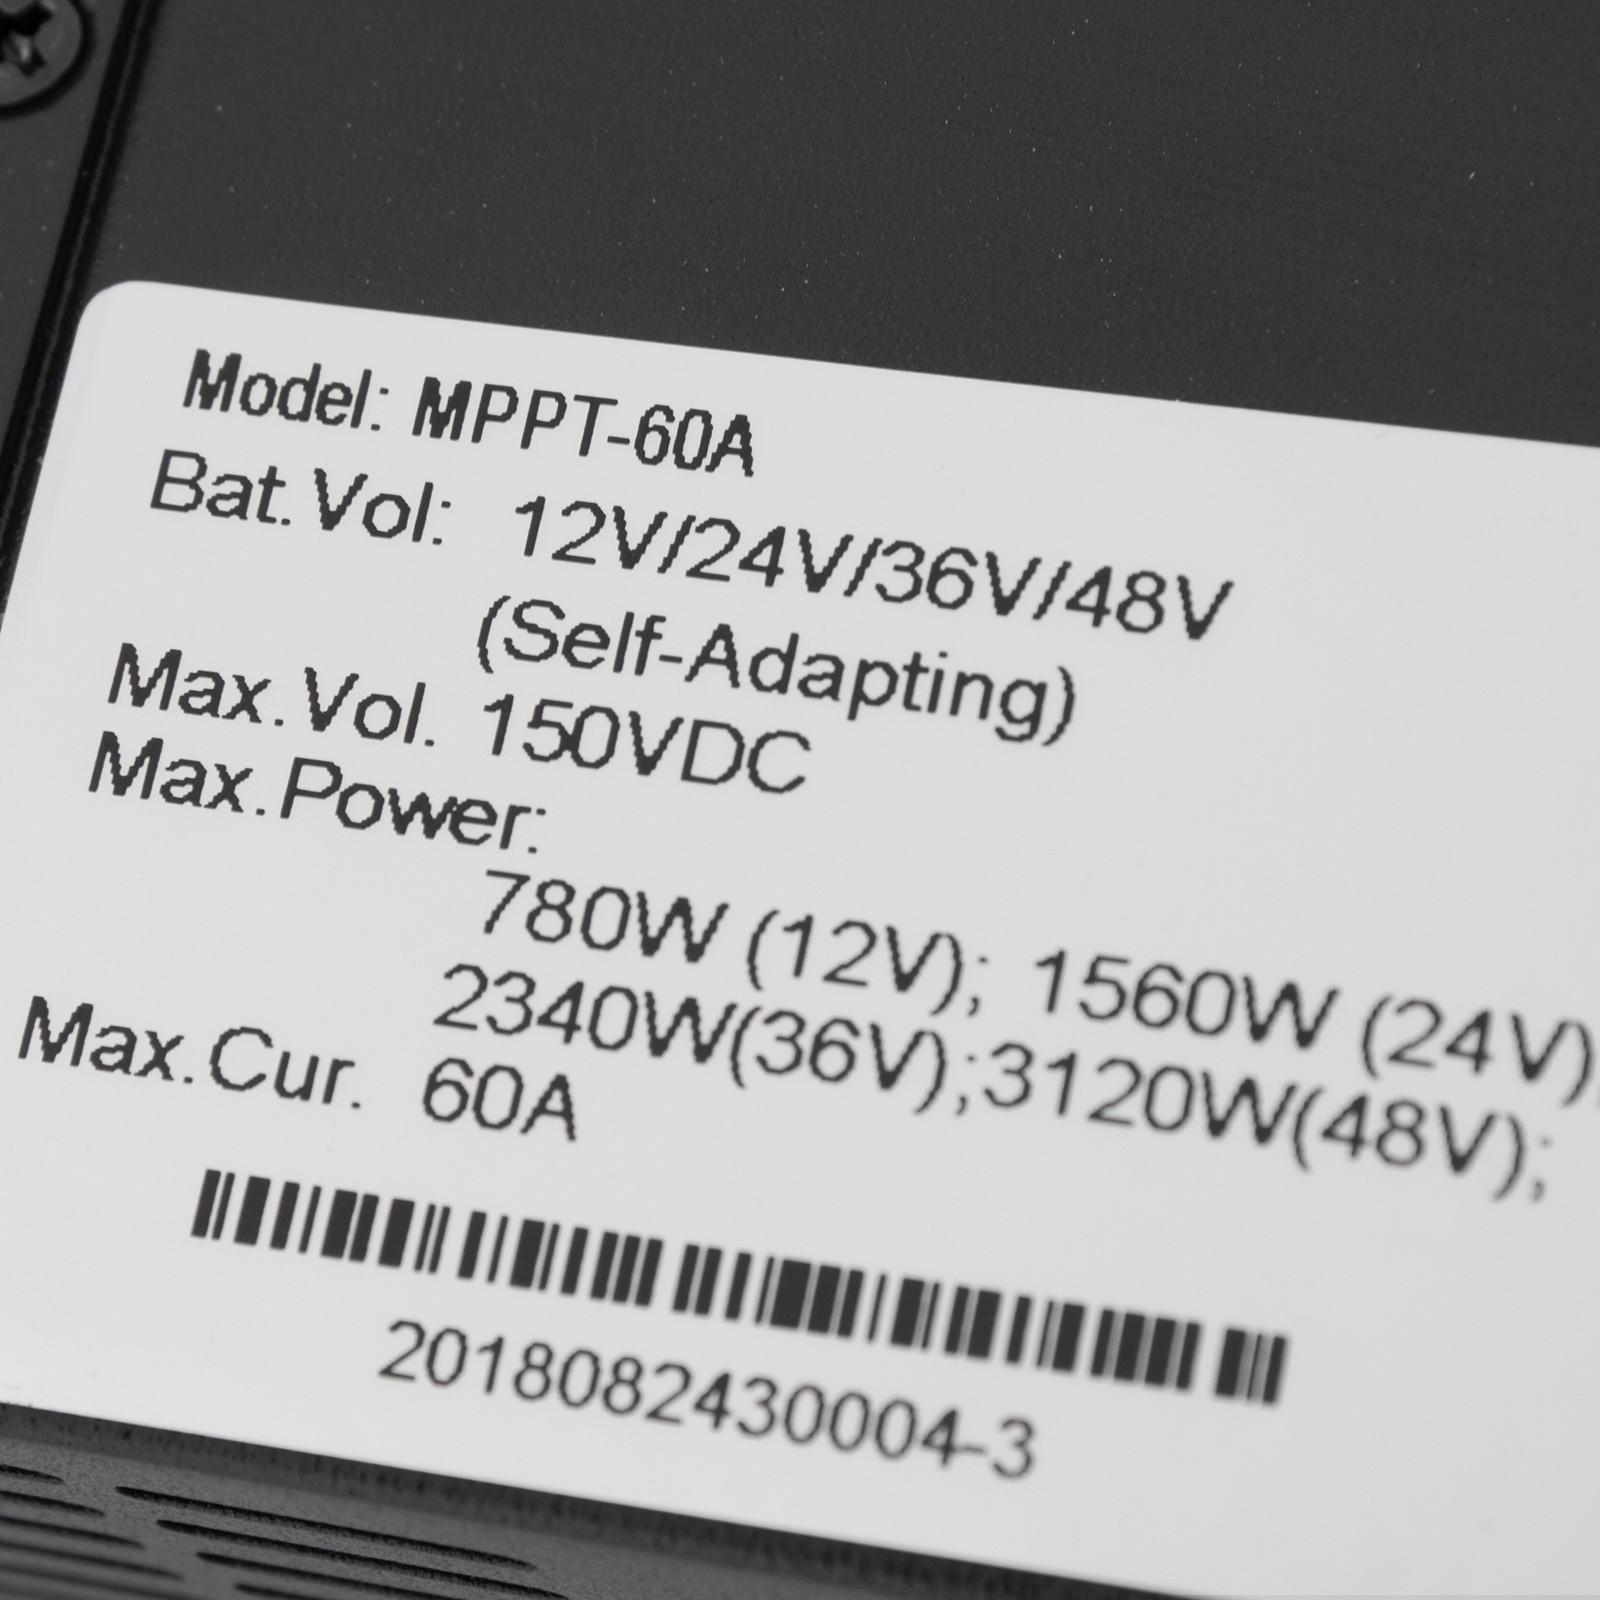 ESMART-3-LCD-40a-50a-60a-12v-24v-36v-48v-MPPT-Solar-Charge-Controller-Regolatore-di-carica miniatura 42